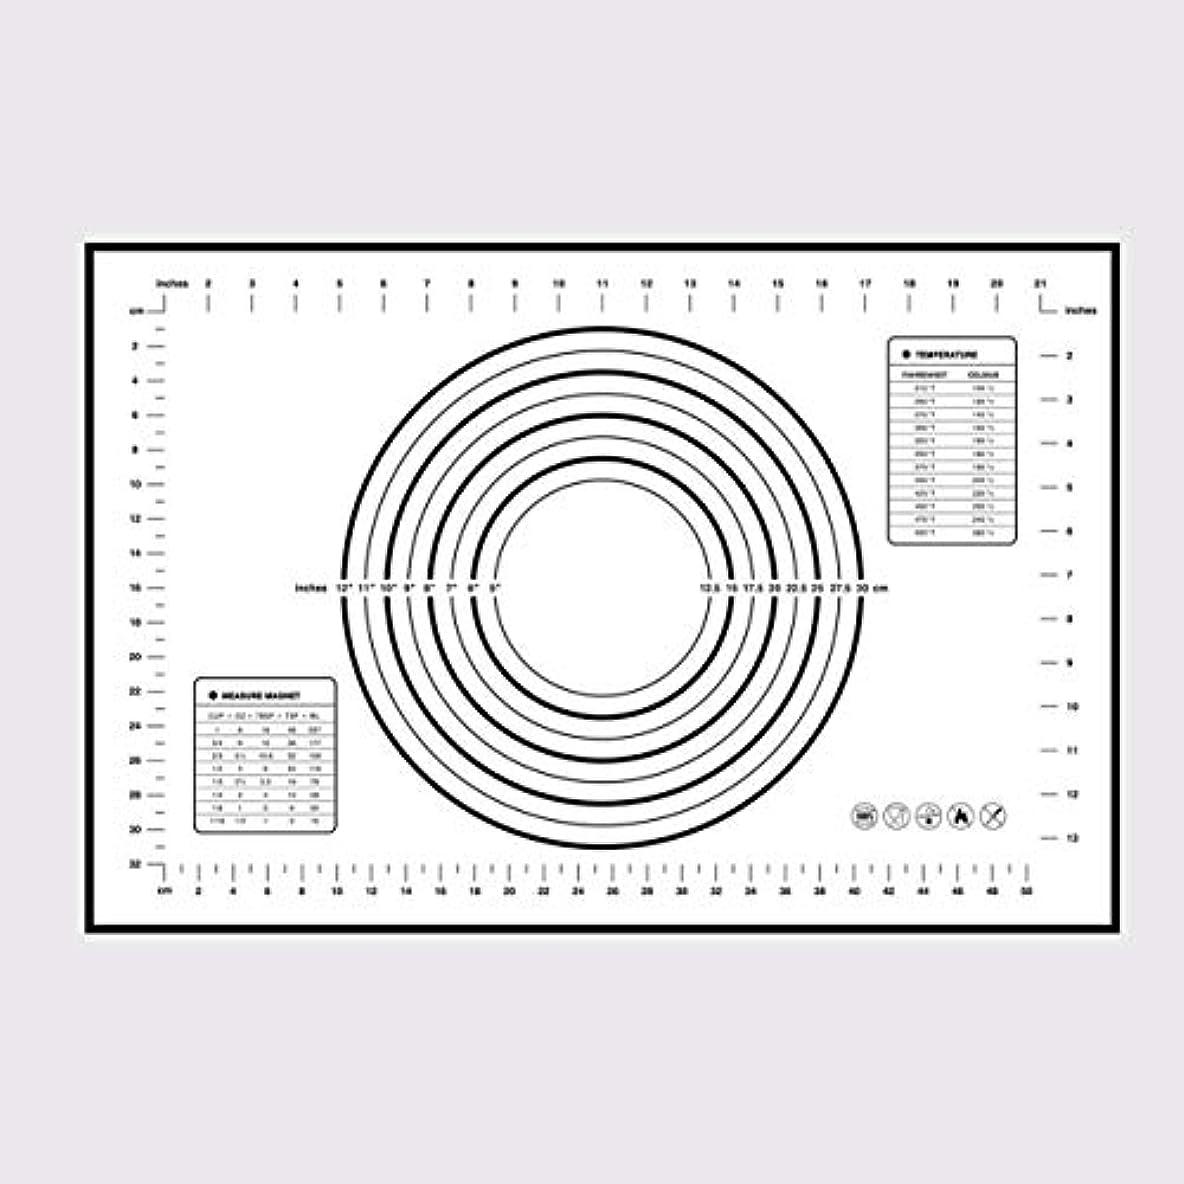 オゾン層休暇Saikogoods シリコンベーキングマットピザ生地メーカーペストリーキッチンガジェットクッキングツール食器耐熱皿混練アクセサリー